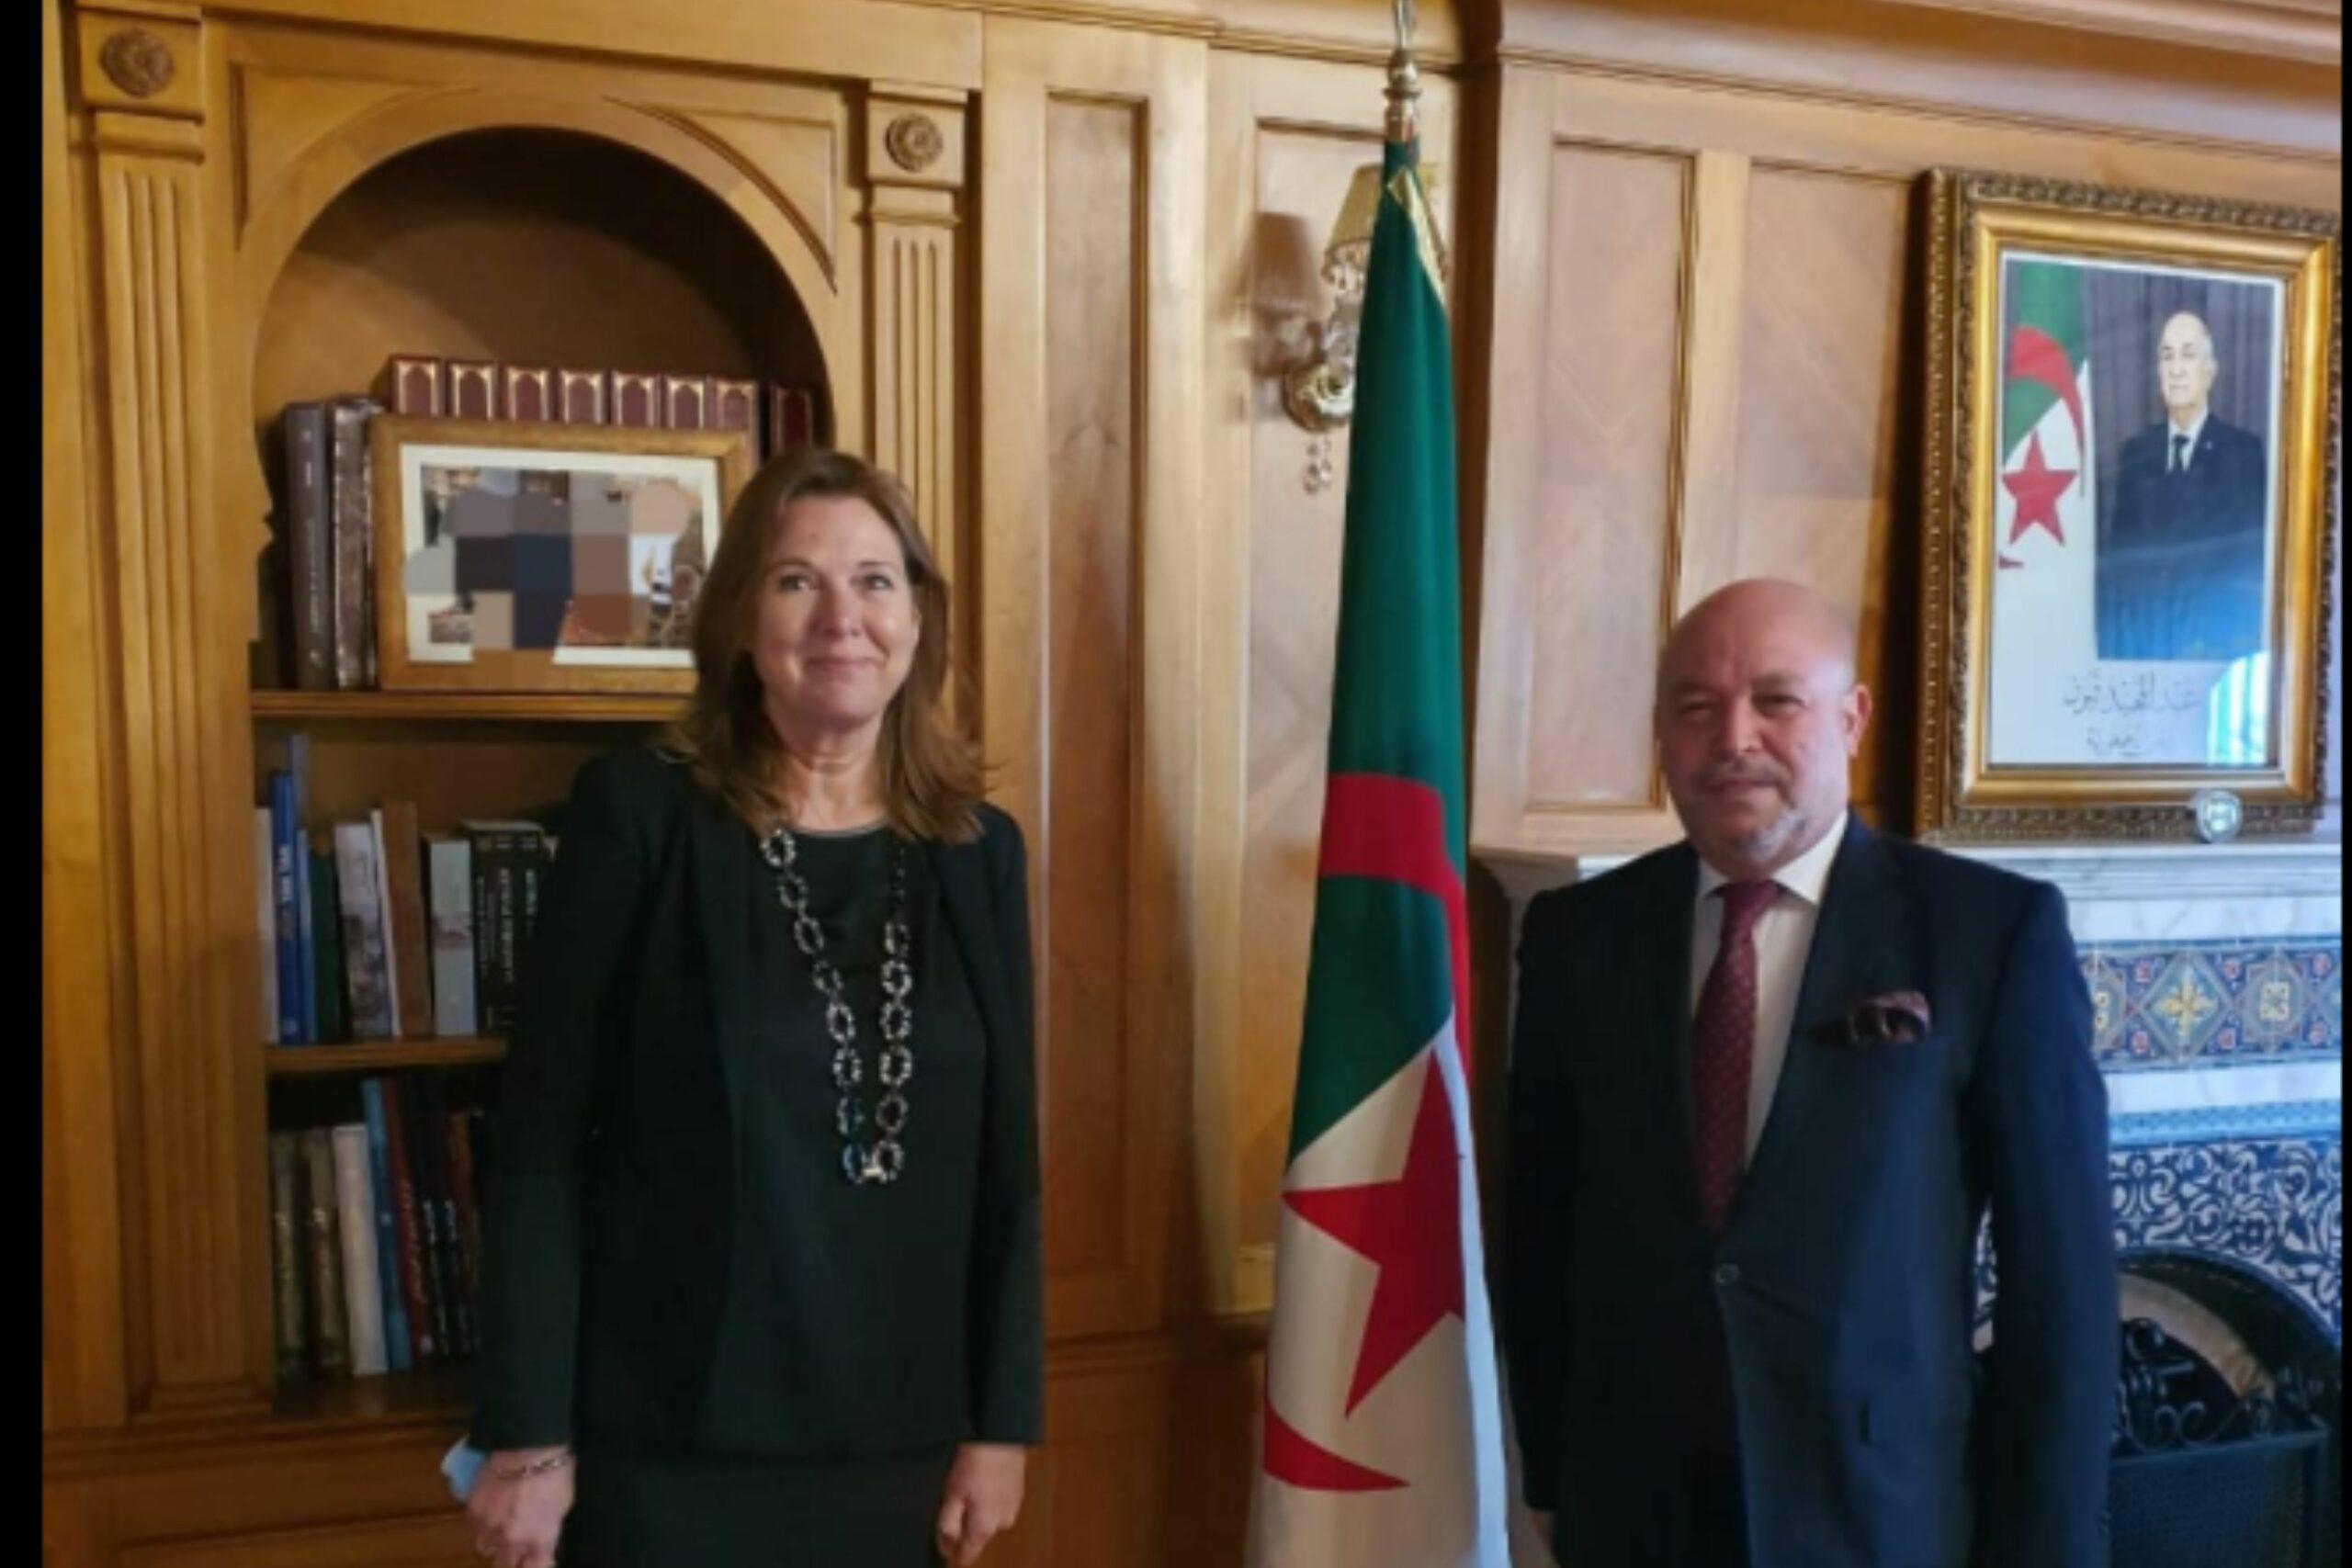 L'ambassade d'Algérie au Maroc suscite des moqueries pour brouiller la photo du roi Mohammed VI